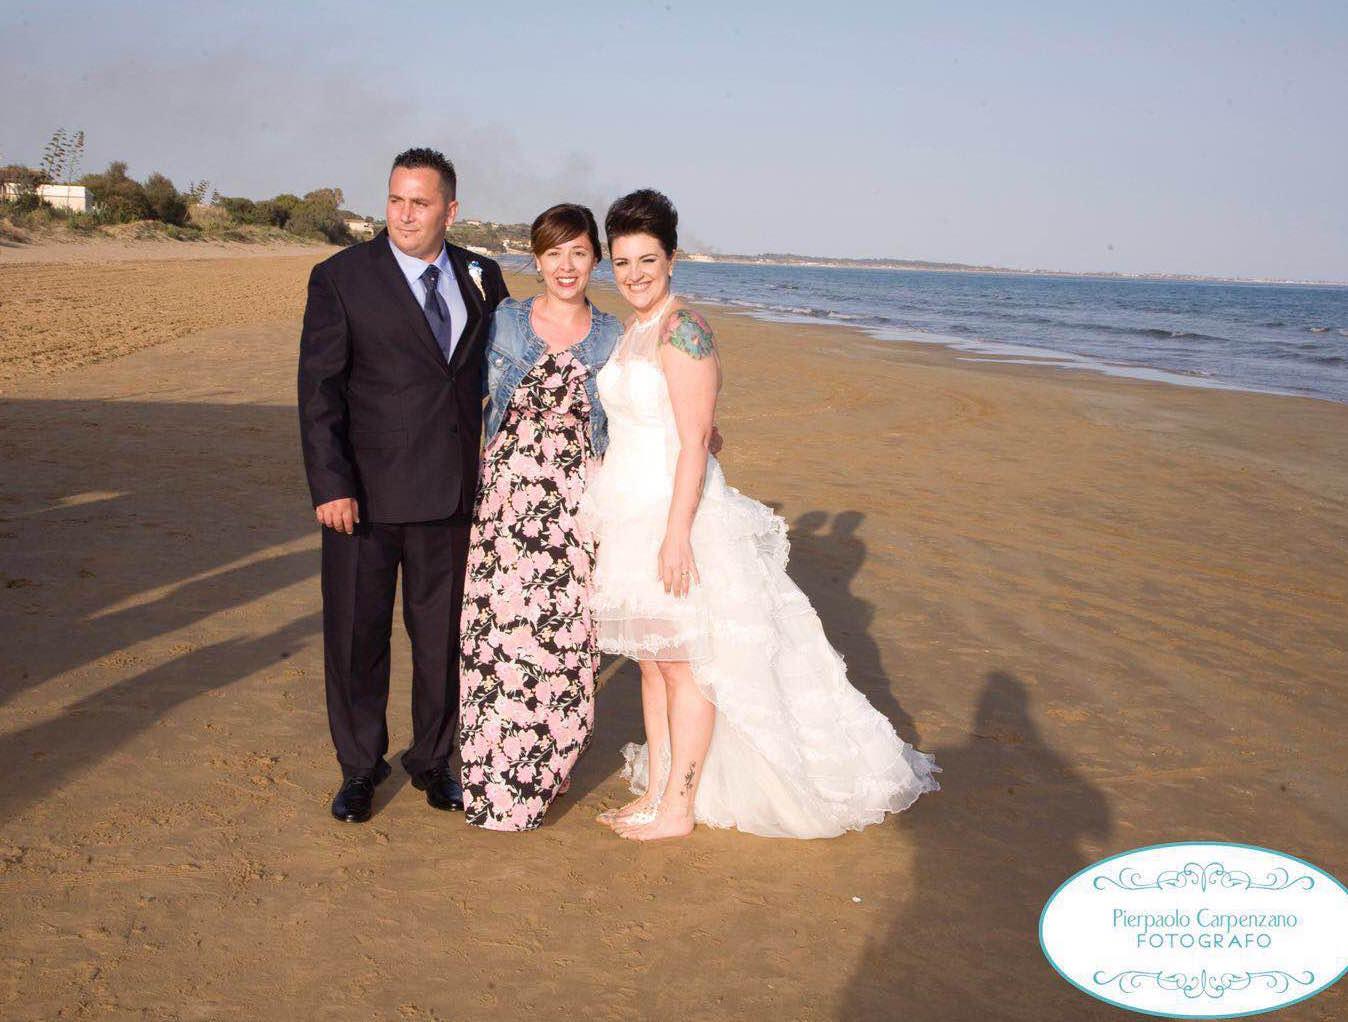 Matrimonio Gay Spiaggia : Matrimonio in spiaggia a pozzallo attualità